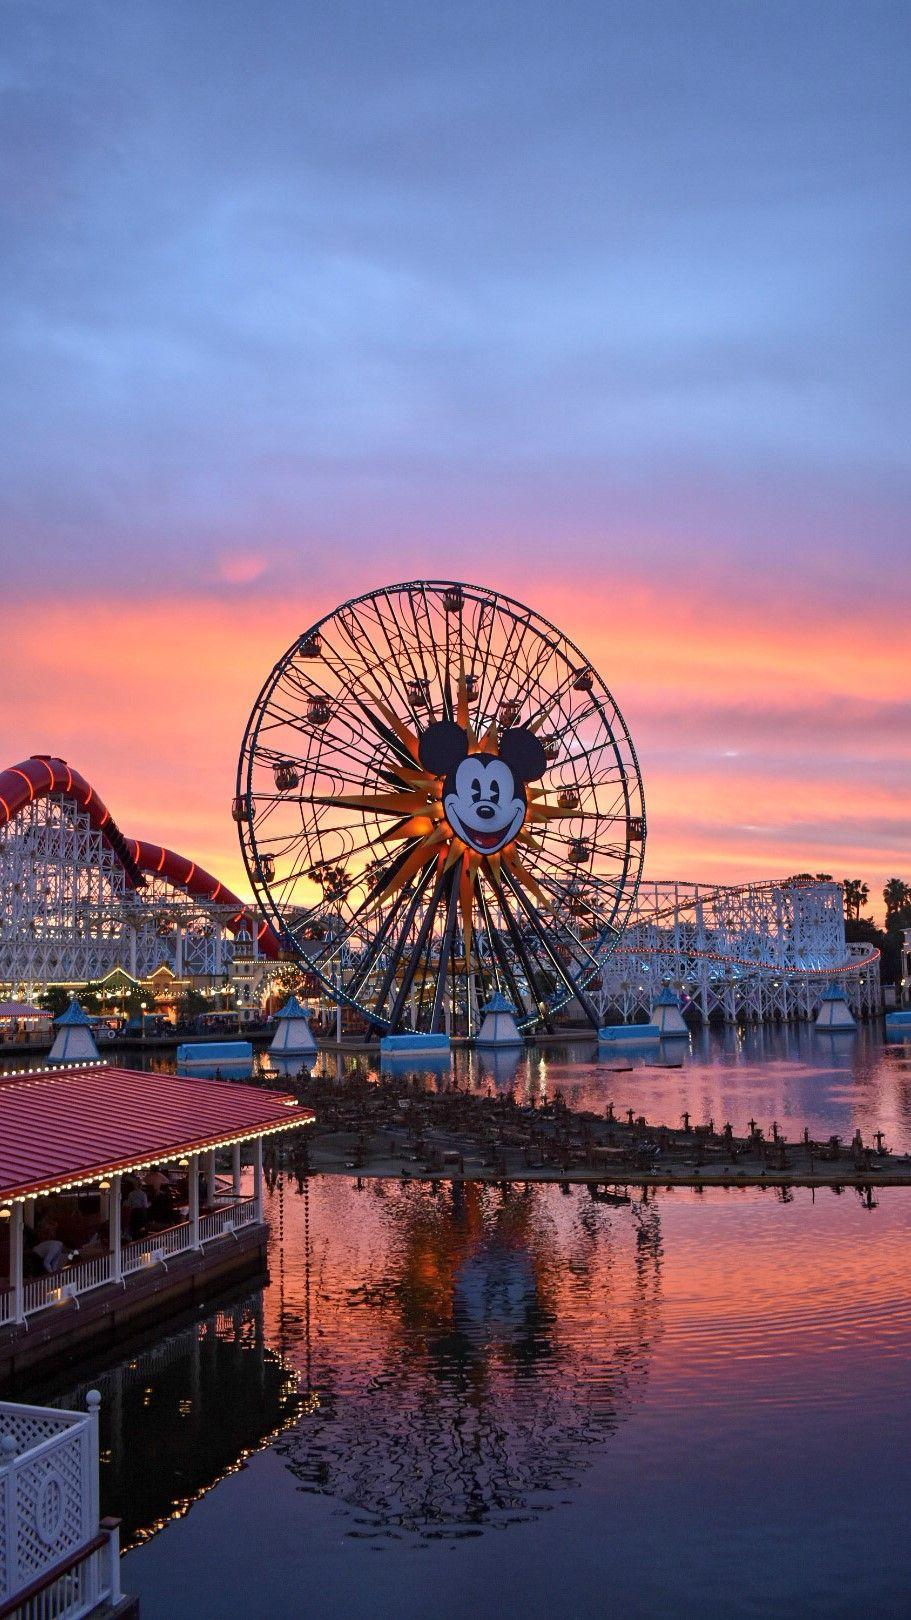 Photo of Sonnenuntergänge über dem Pixar Pier